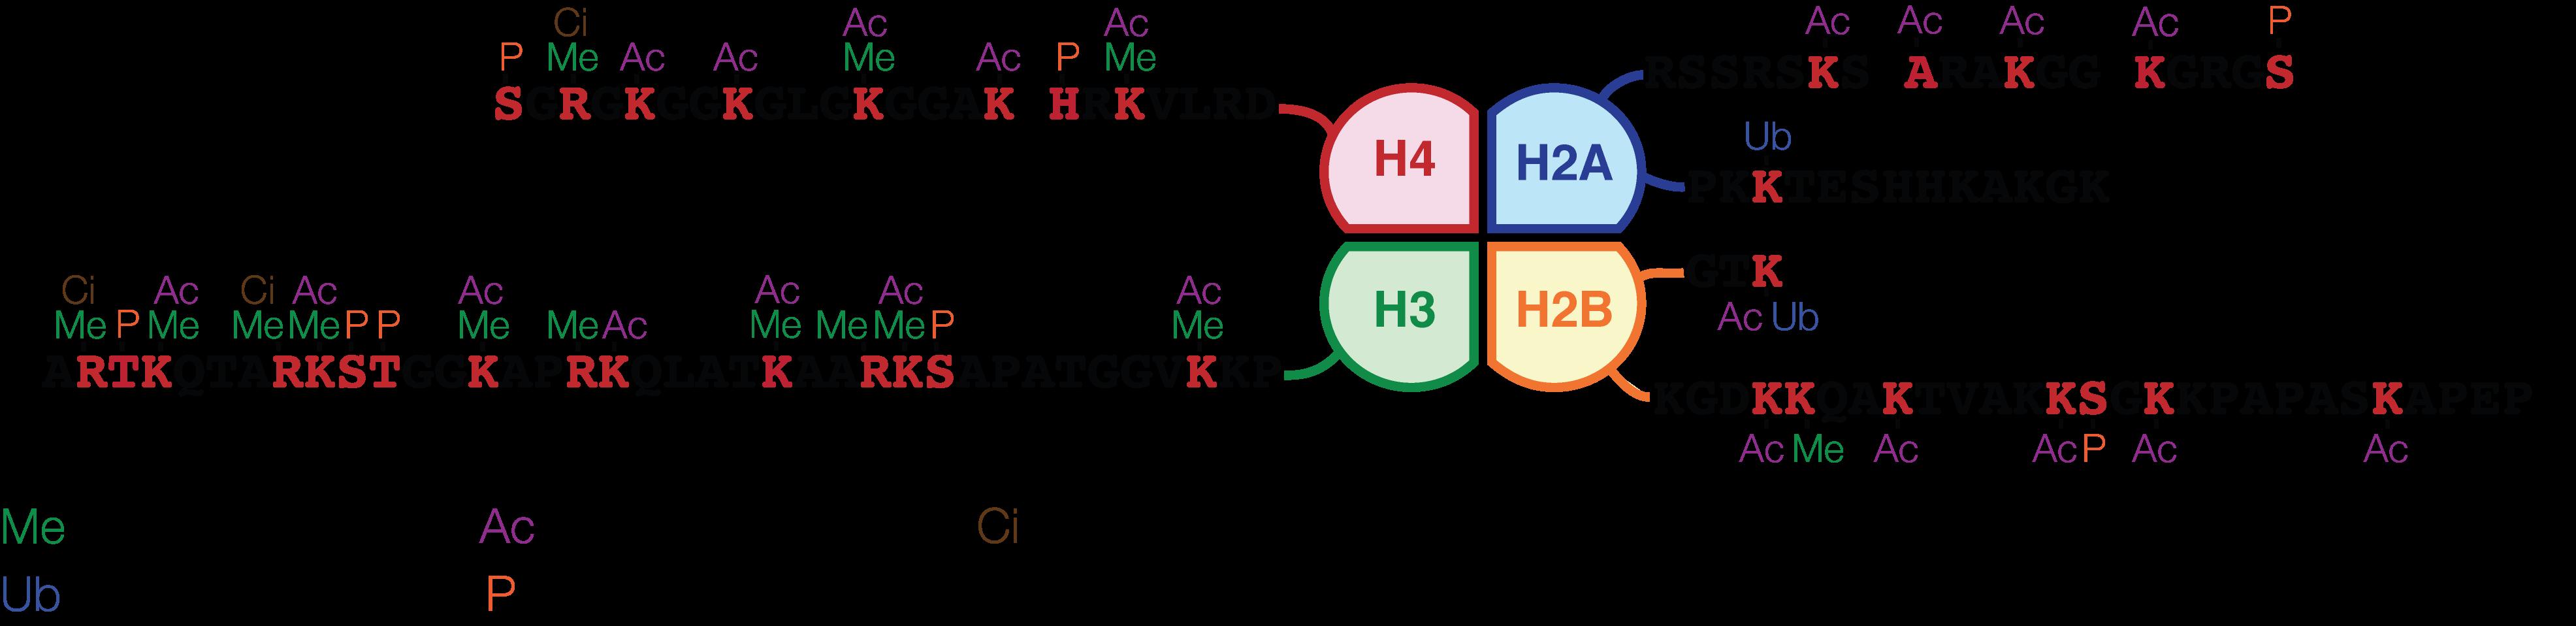 Histone H3蛋白修饰